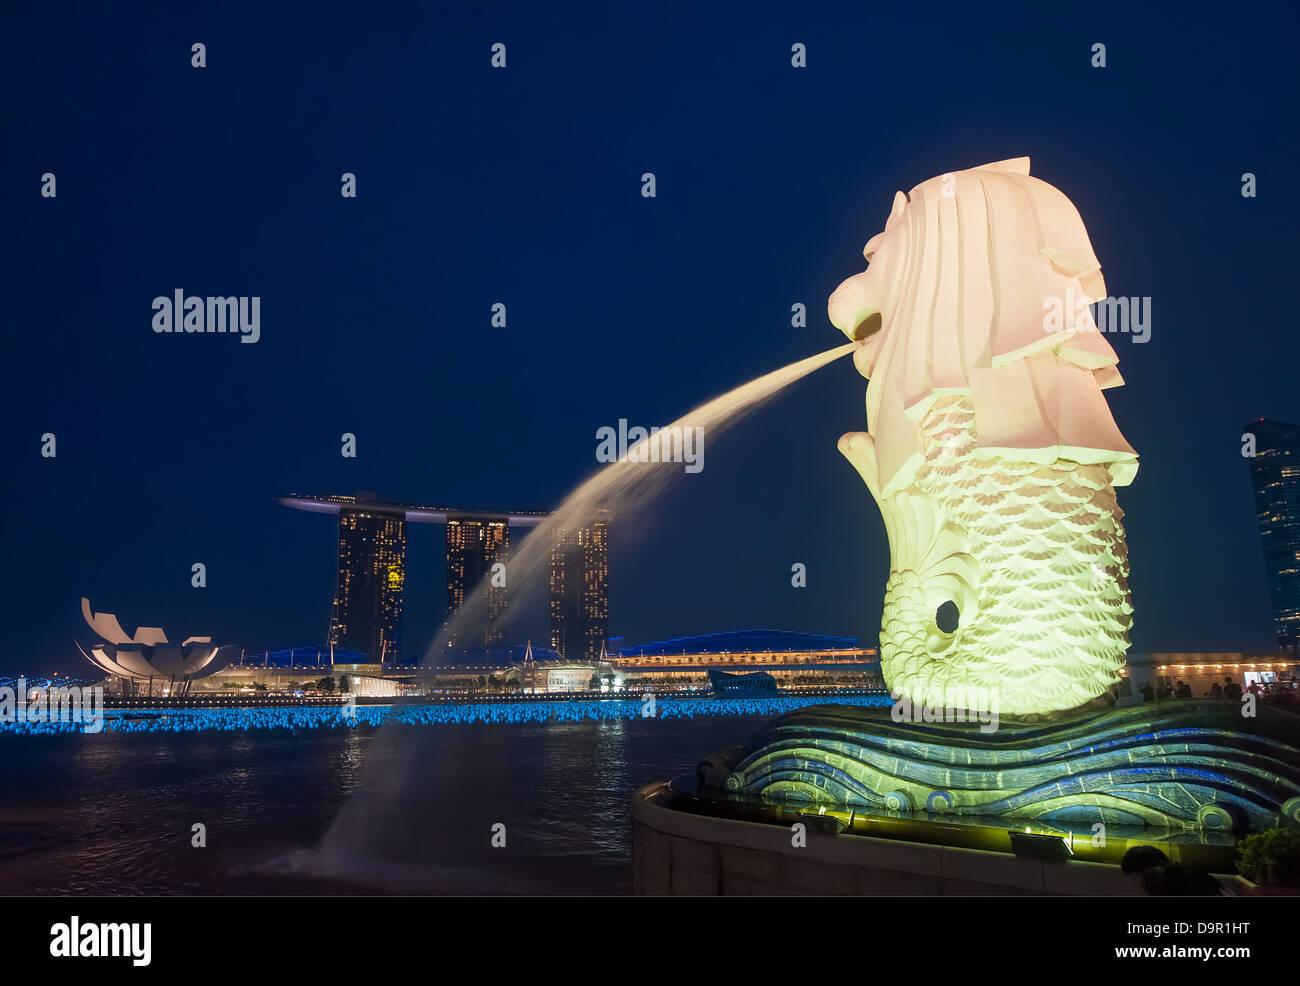 Statue du Merlion et Marina Bay Sands Hotel, Singapore Banque D'Images